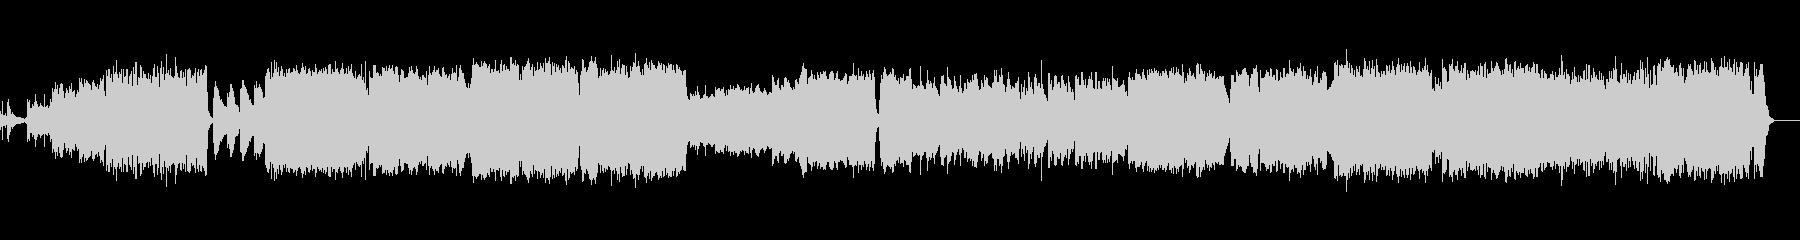 クラシック系フュージョンの未再生の波形